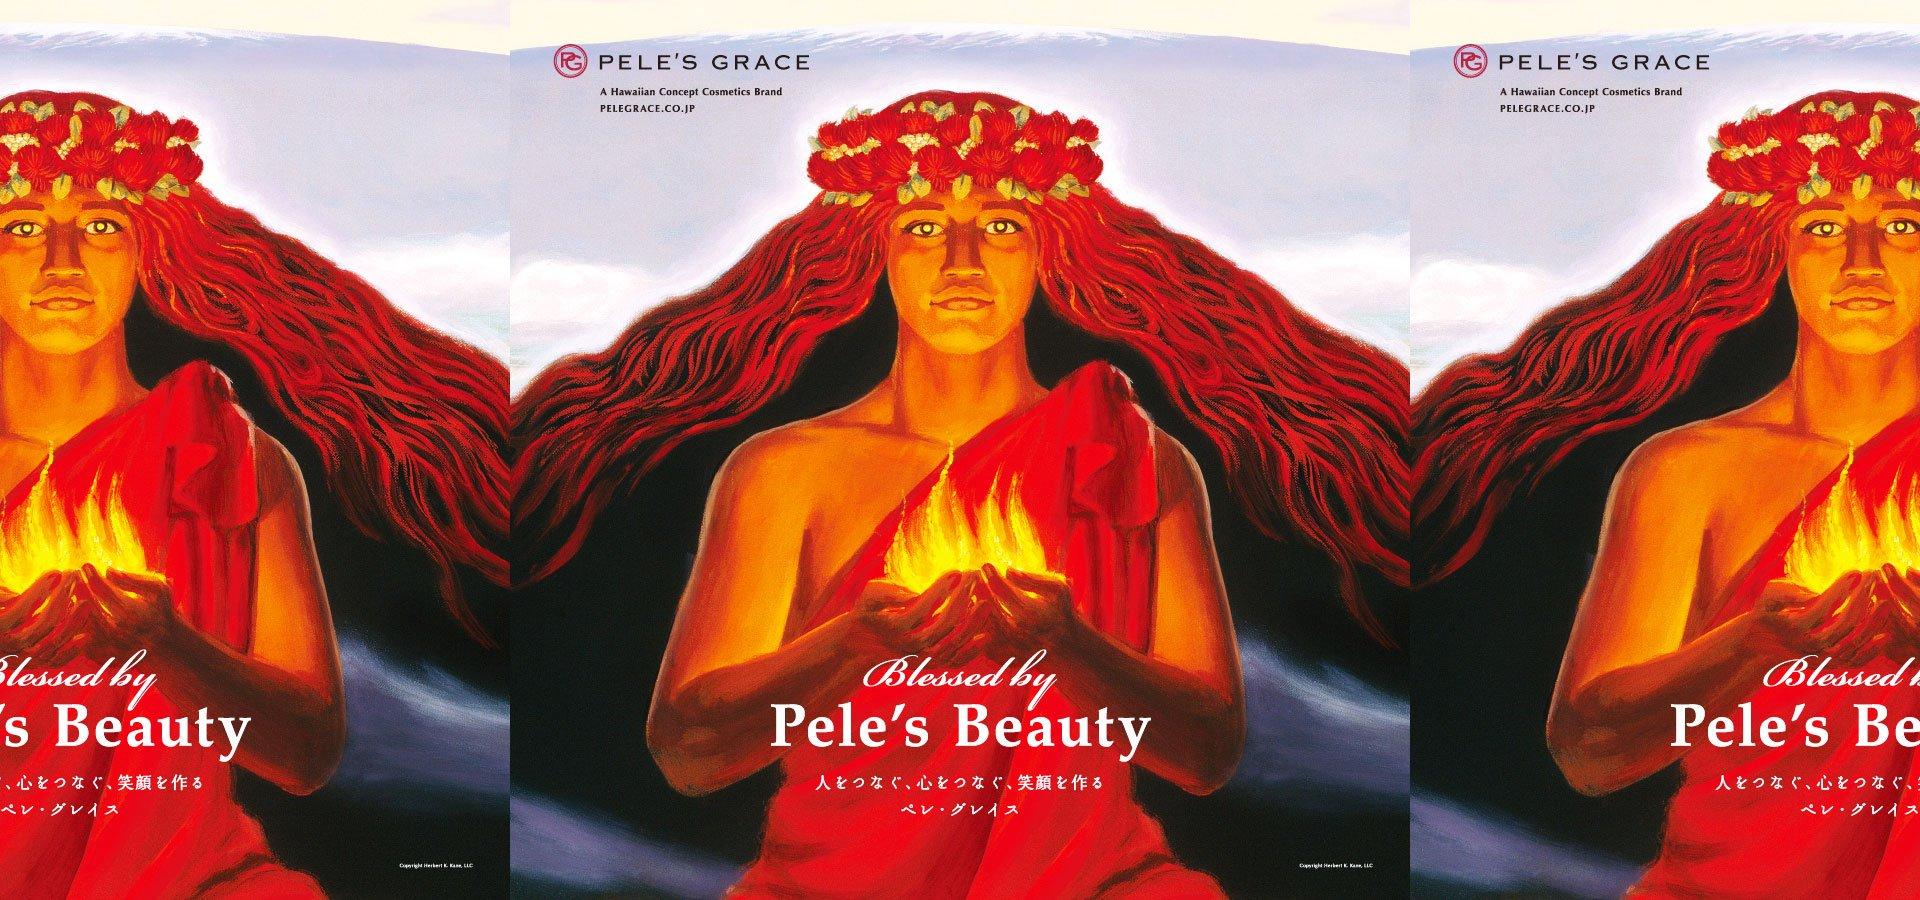 Pele's Grace Ad